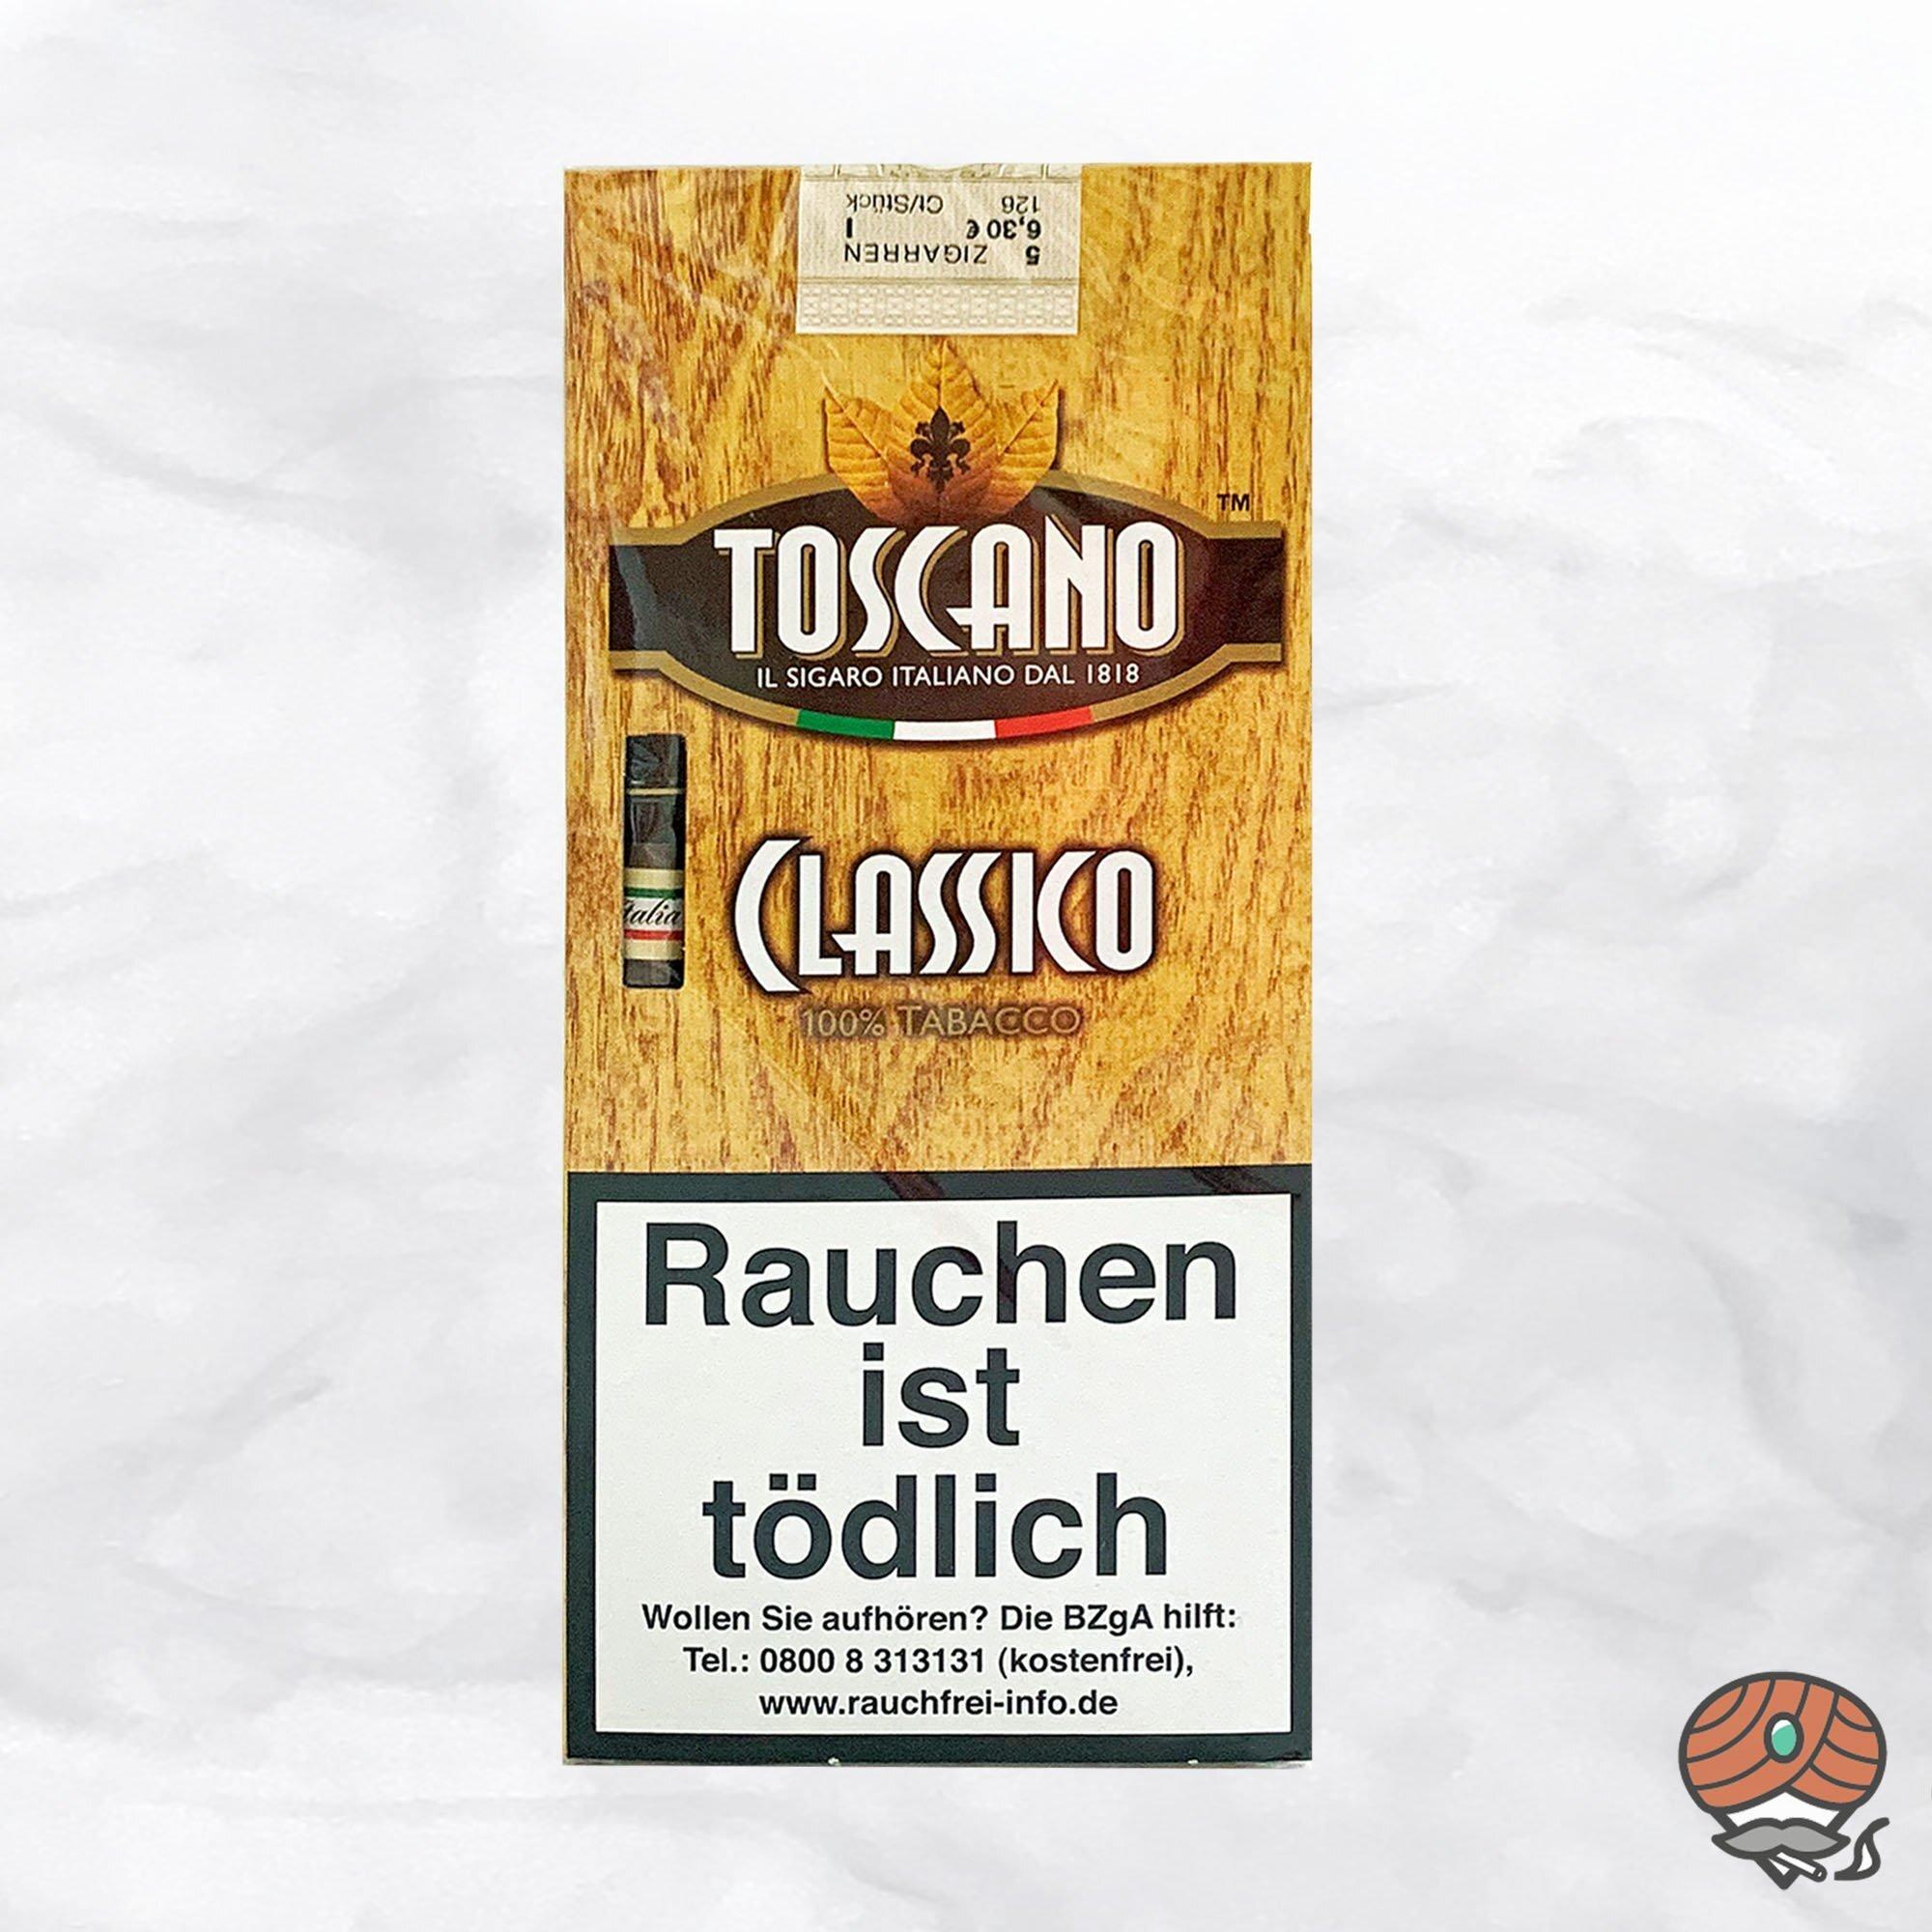 Toscano Classico 100% Tabacco Zigarren Inhalt 5 Stück